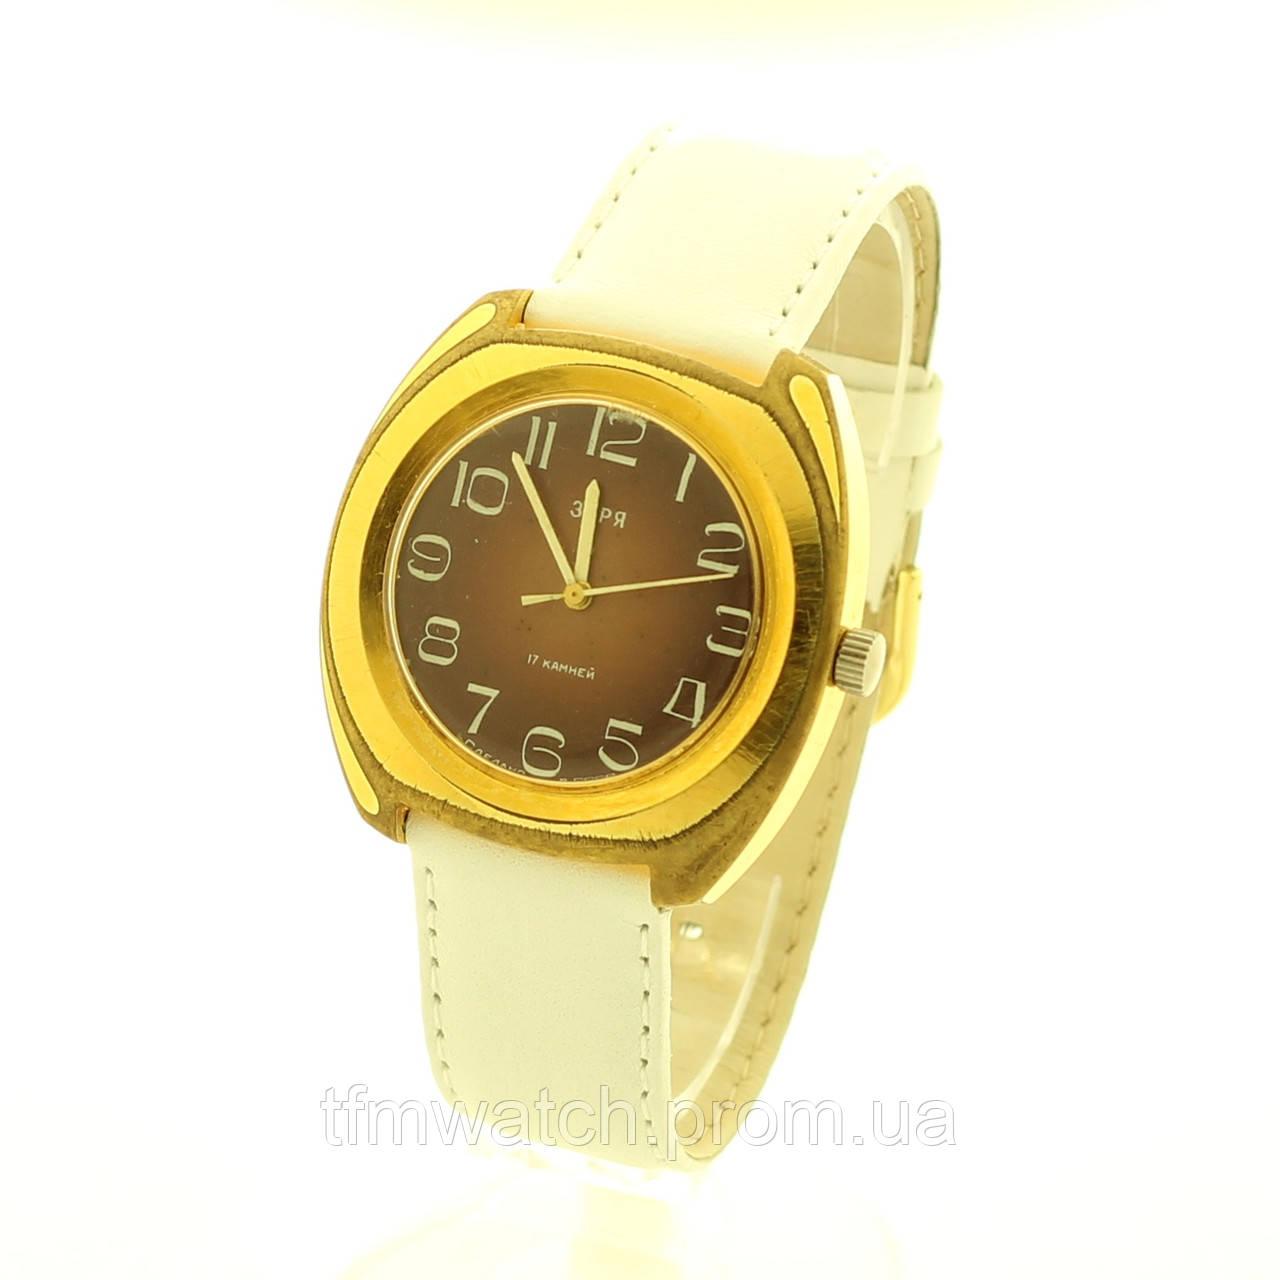 81ced4dc Механические часы Заря СССР - Магазин старинных, винтажных и антикварных  часов TFMwatch в России